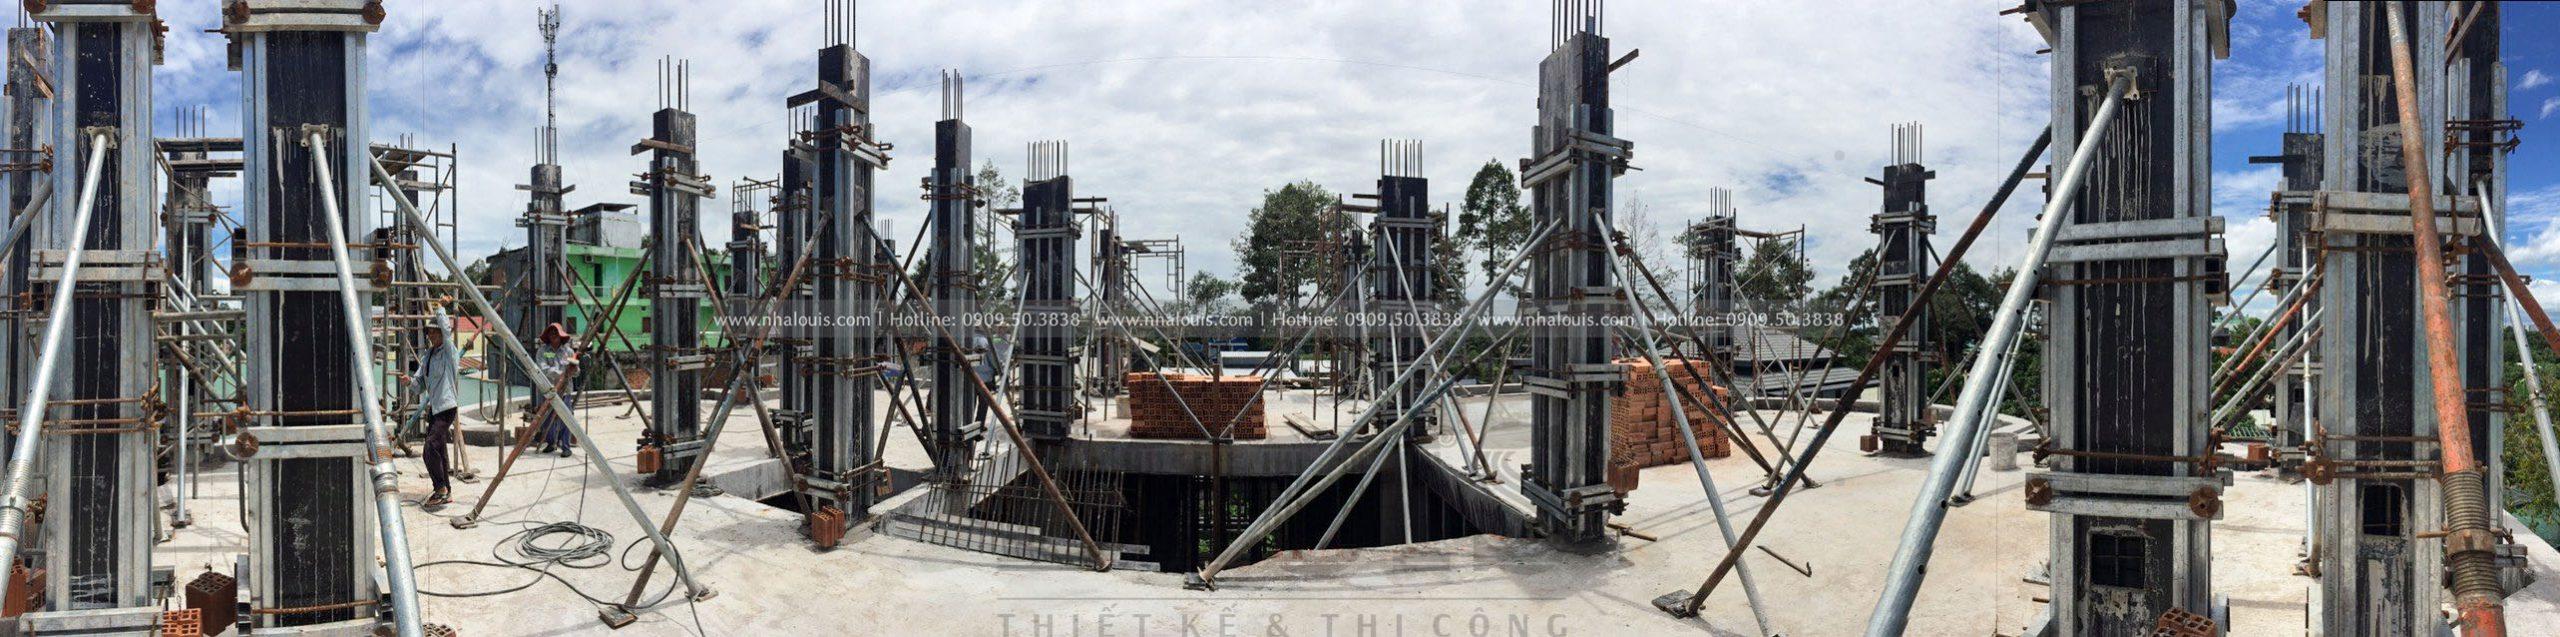 Thi công đổ bê tông cột tầng 2 biệt thự Đồng Tháp